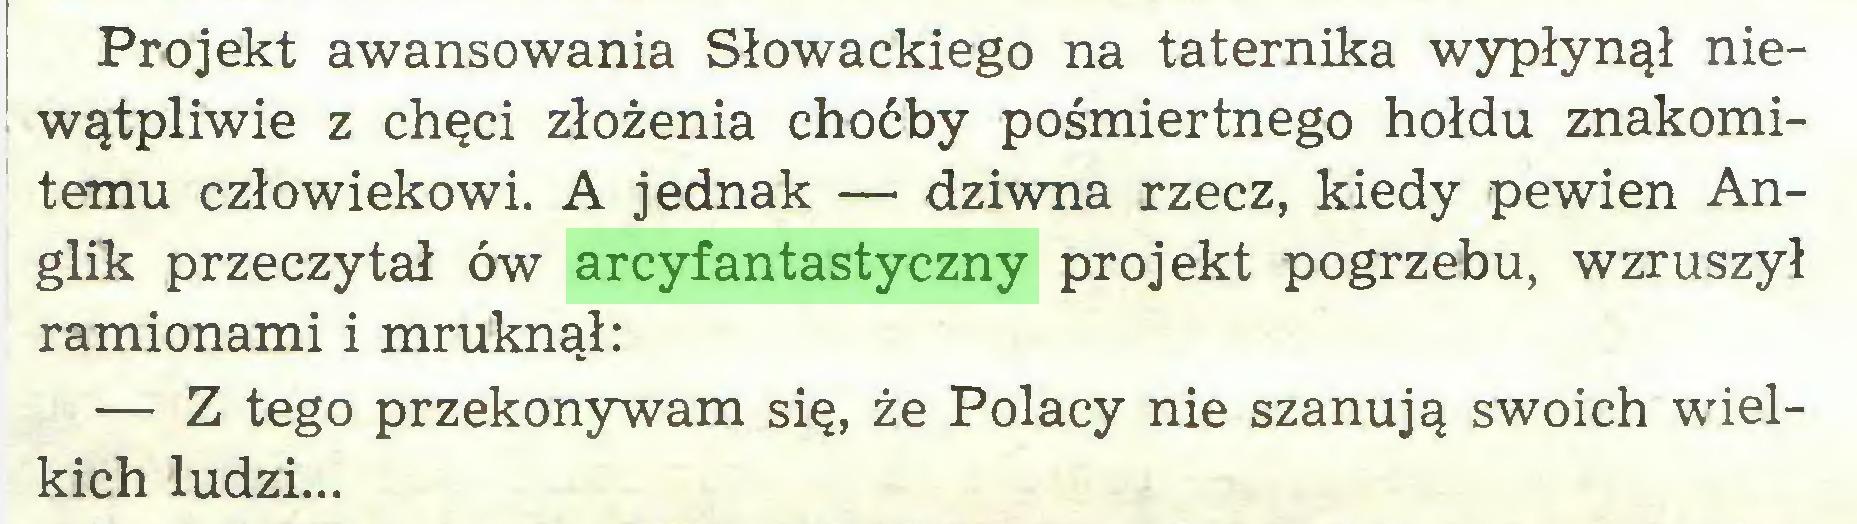 (...) Projekt awansowania Słowackiego na taternika wypłynął niewątpliwie z chęci złożenia choćby pośmiertnego hołdu znakomitemu człowiekowi. A jednak —• dziwna rzecz, kiedy pewien Anglik przeczytał ów arcyfantastyczny projekt pogrzebu, wzruszył ramionami i mruknął: — Z tego przekonywam się, że Polacy nie szanują swoich wielkich ludzi...